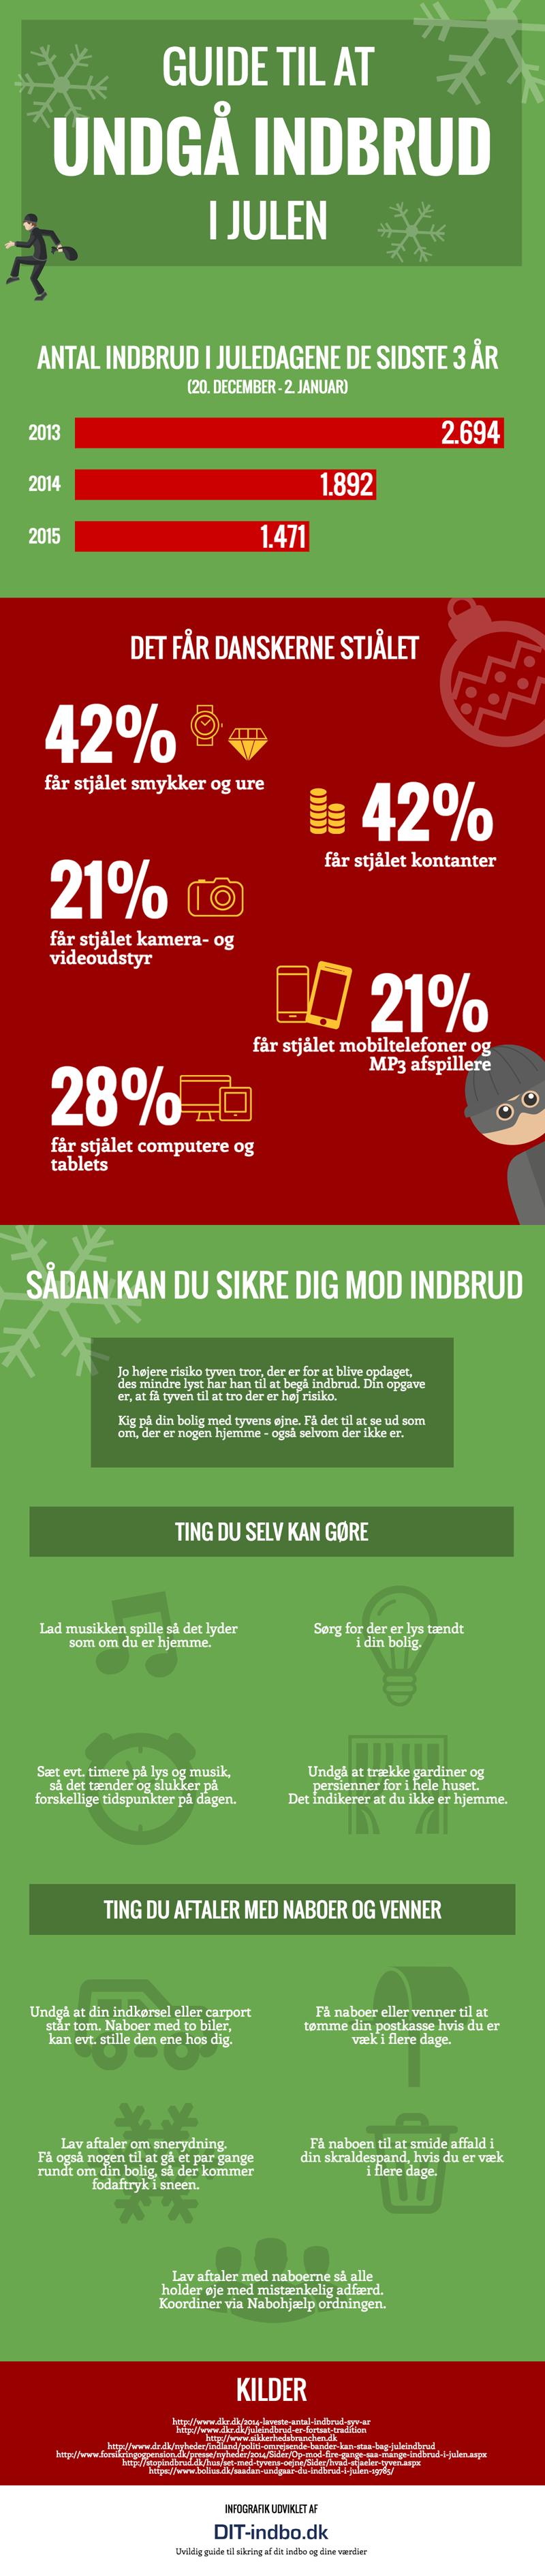 Infografik - Undgå Indbrud I Julena